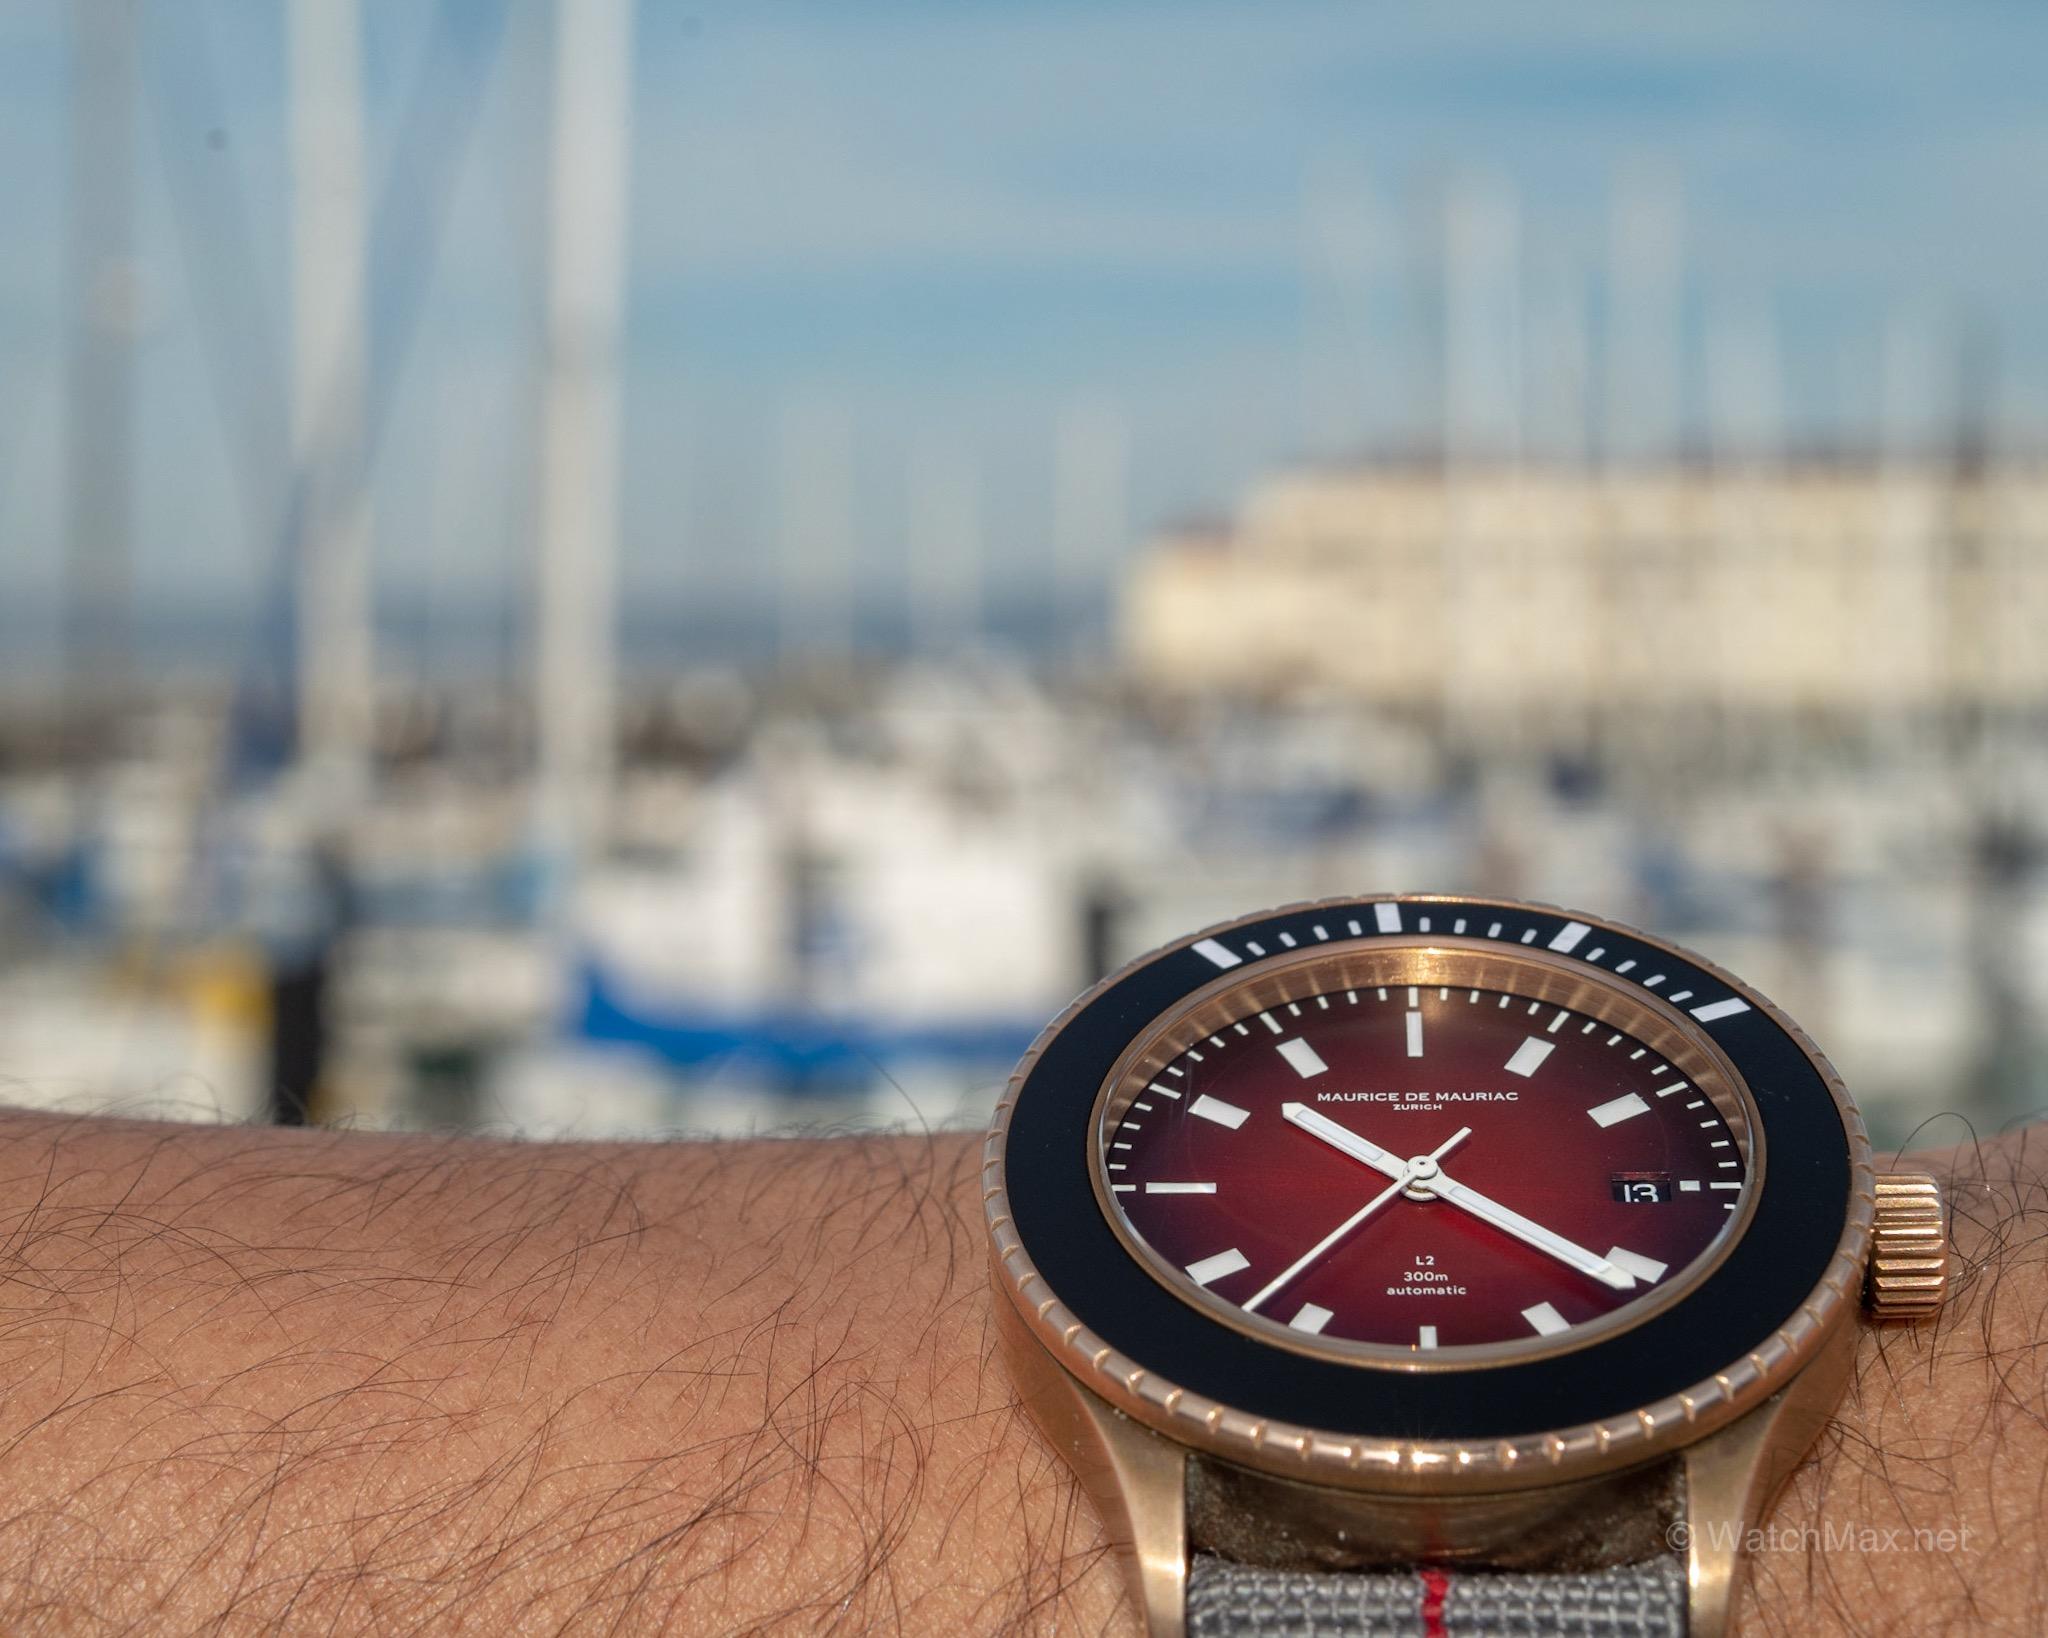 maurice-de-mauriac-l2-bronze-deep-red-33.JPG